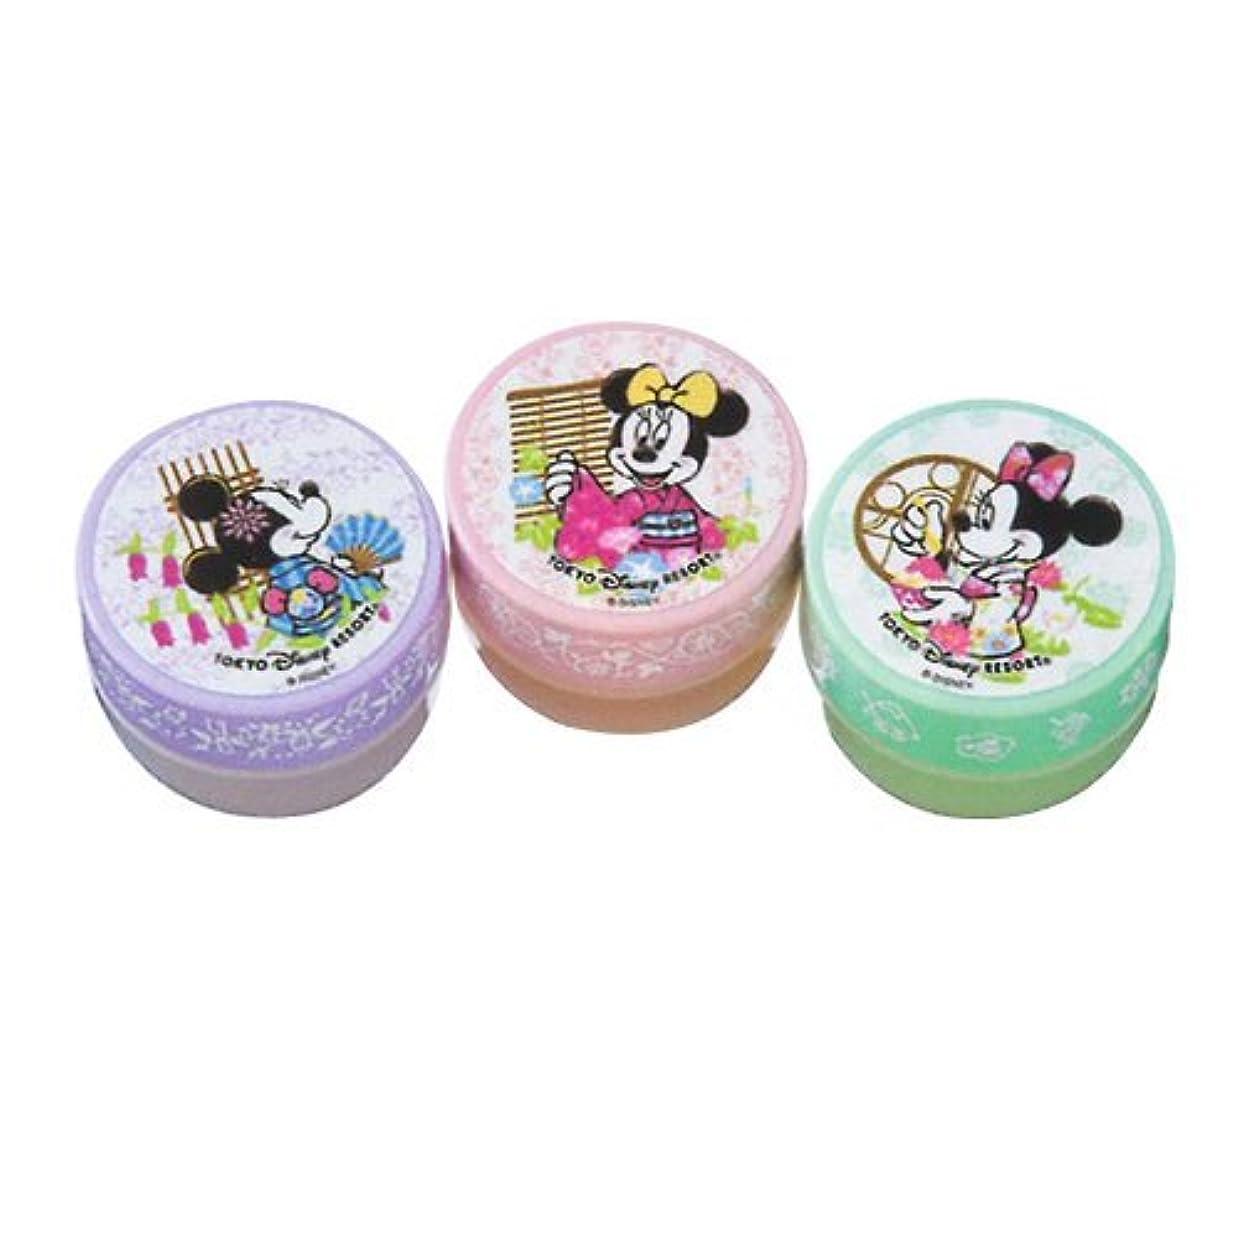 集団絶えずあなたはミニーマウス ハンドクリームセット 浴衣柄 【東京ディズニーリゾート限定】